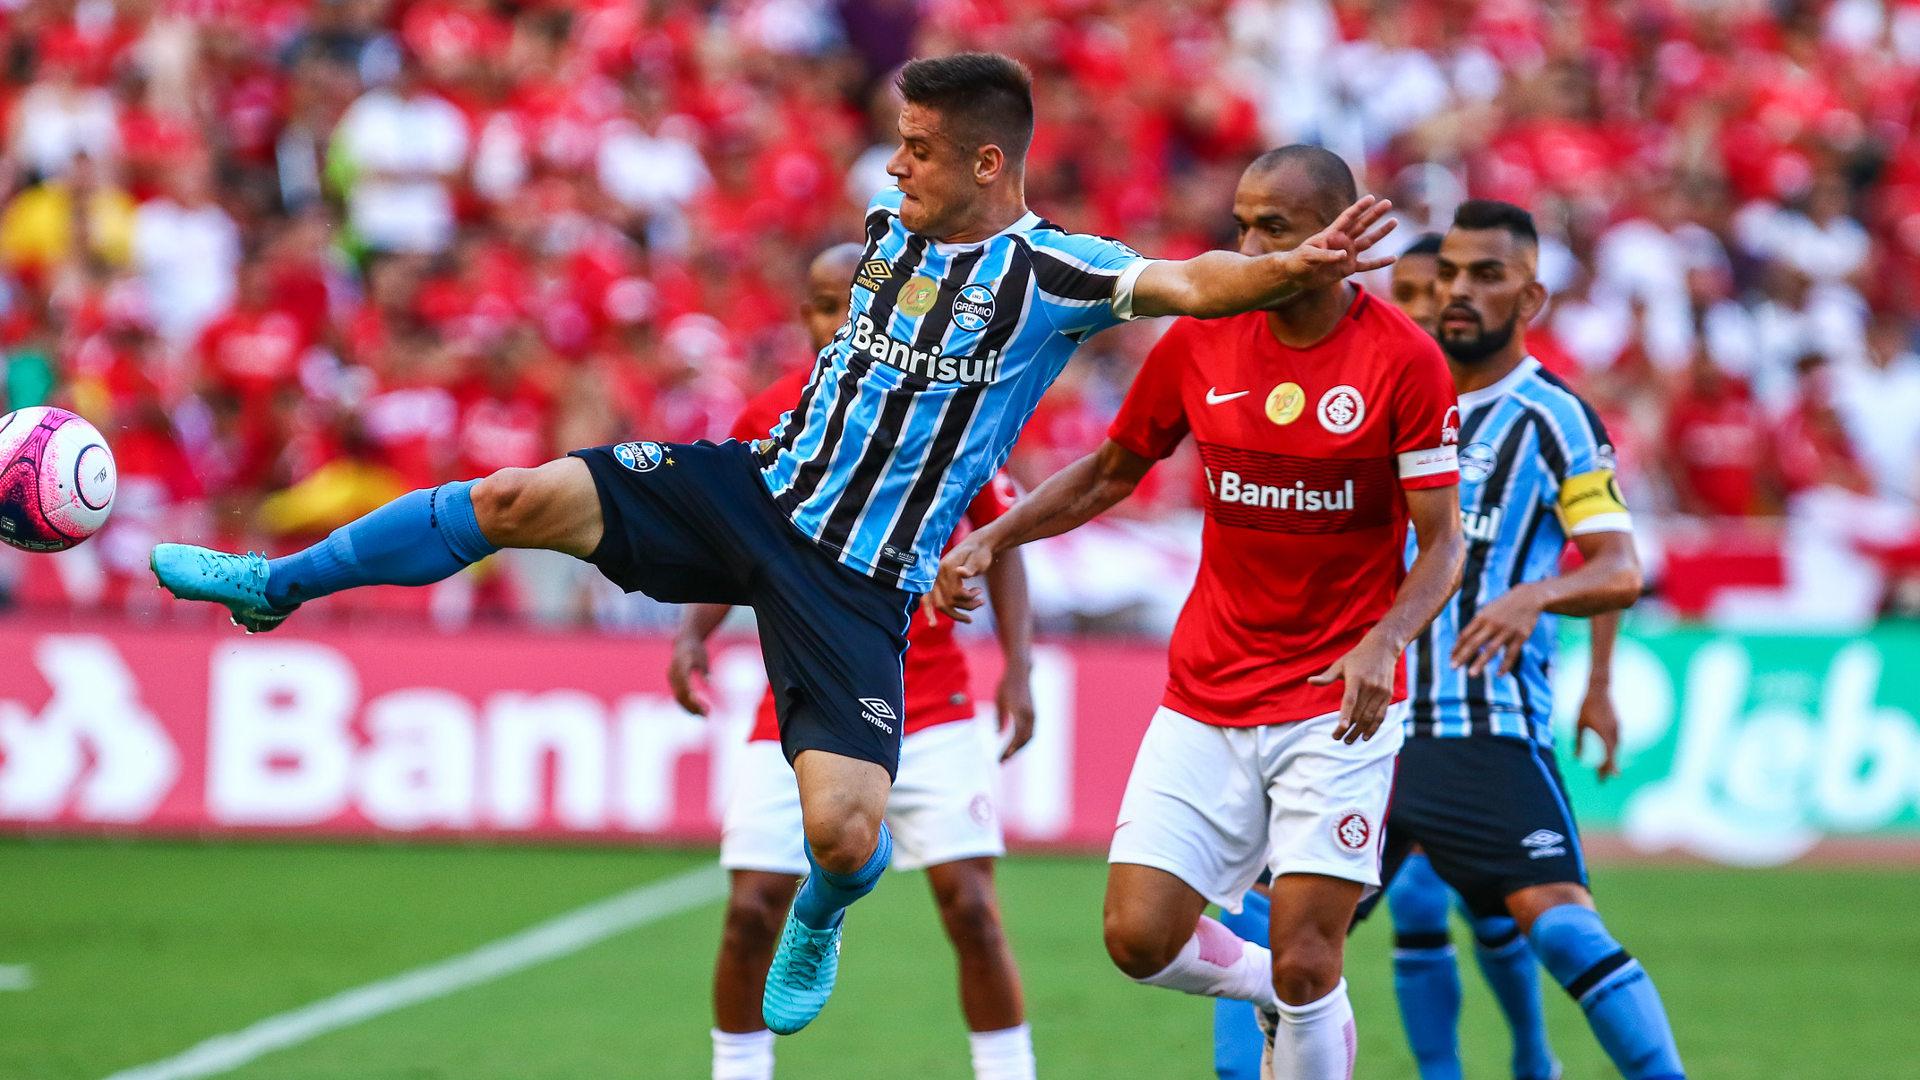 Roger Ramiro Internacional Gremio 11032018 Gaucho (Foto  Lucas Uebel Grêmio  Divulgação) bf0d8f5cf9e27